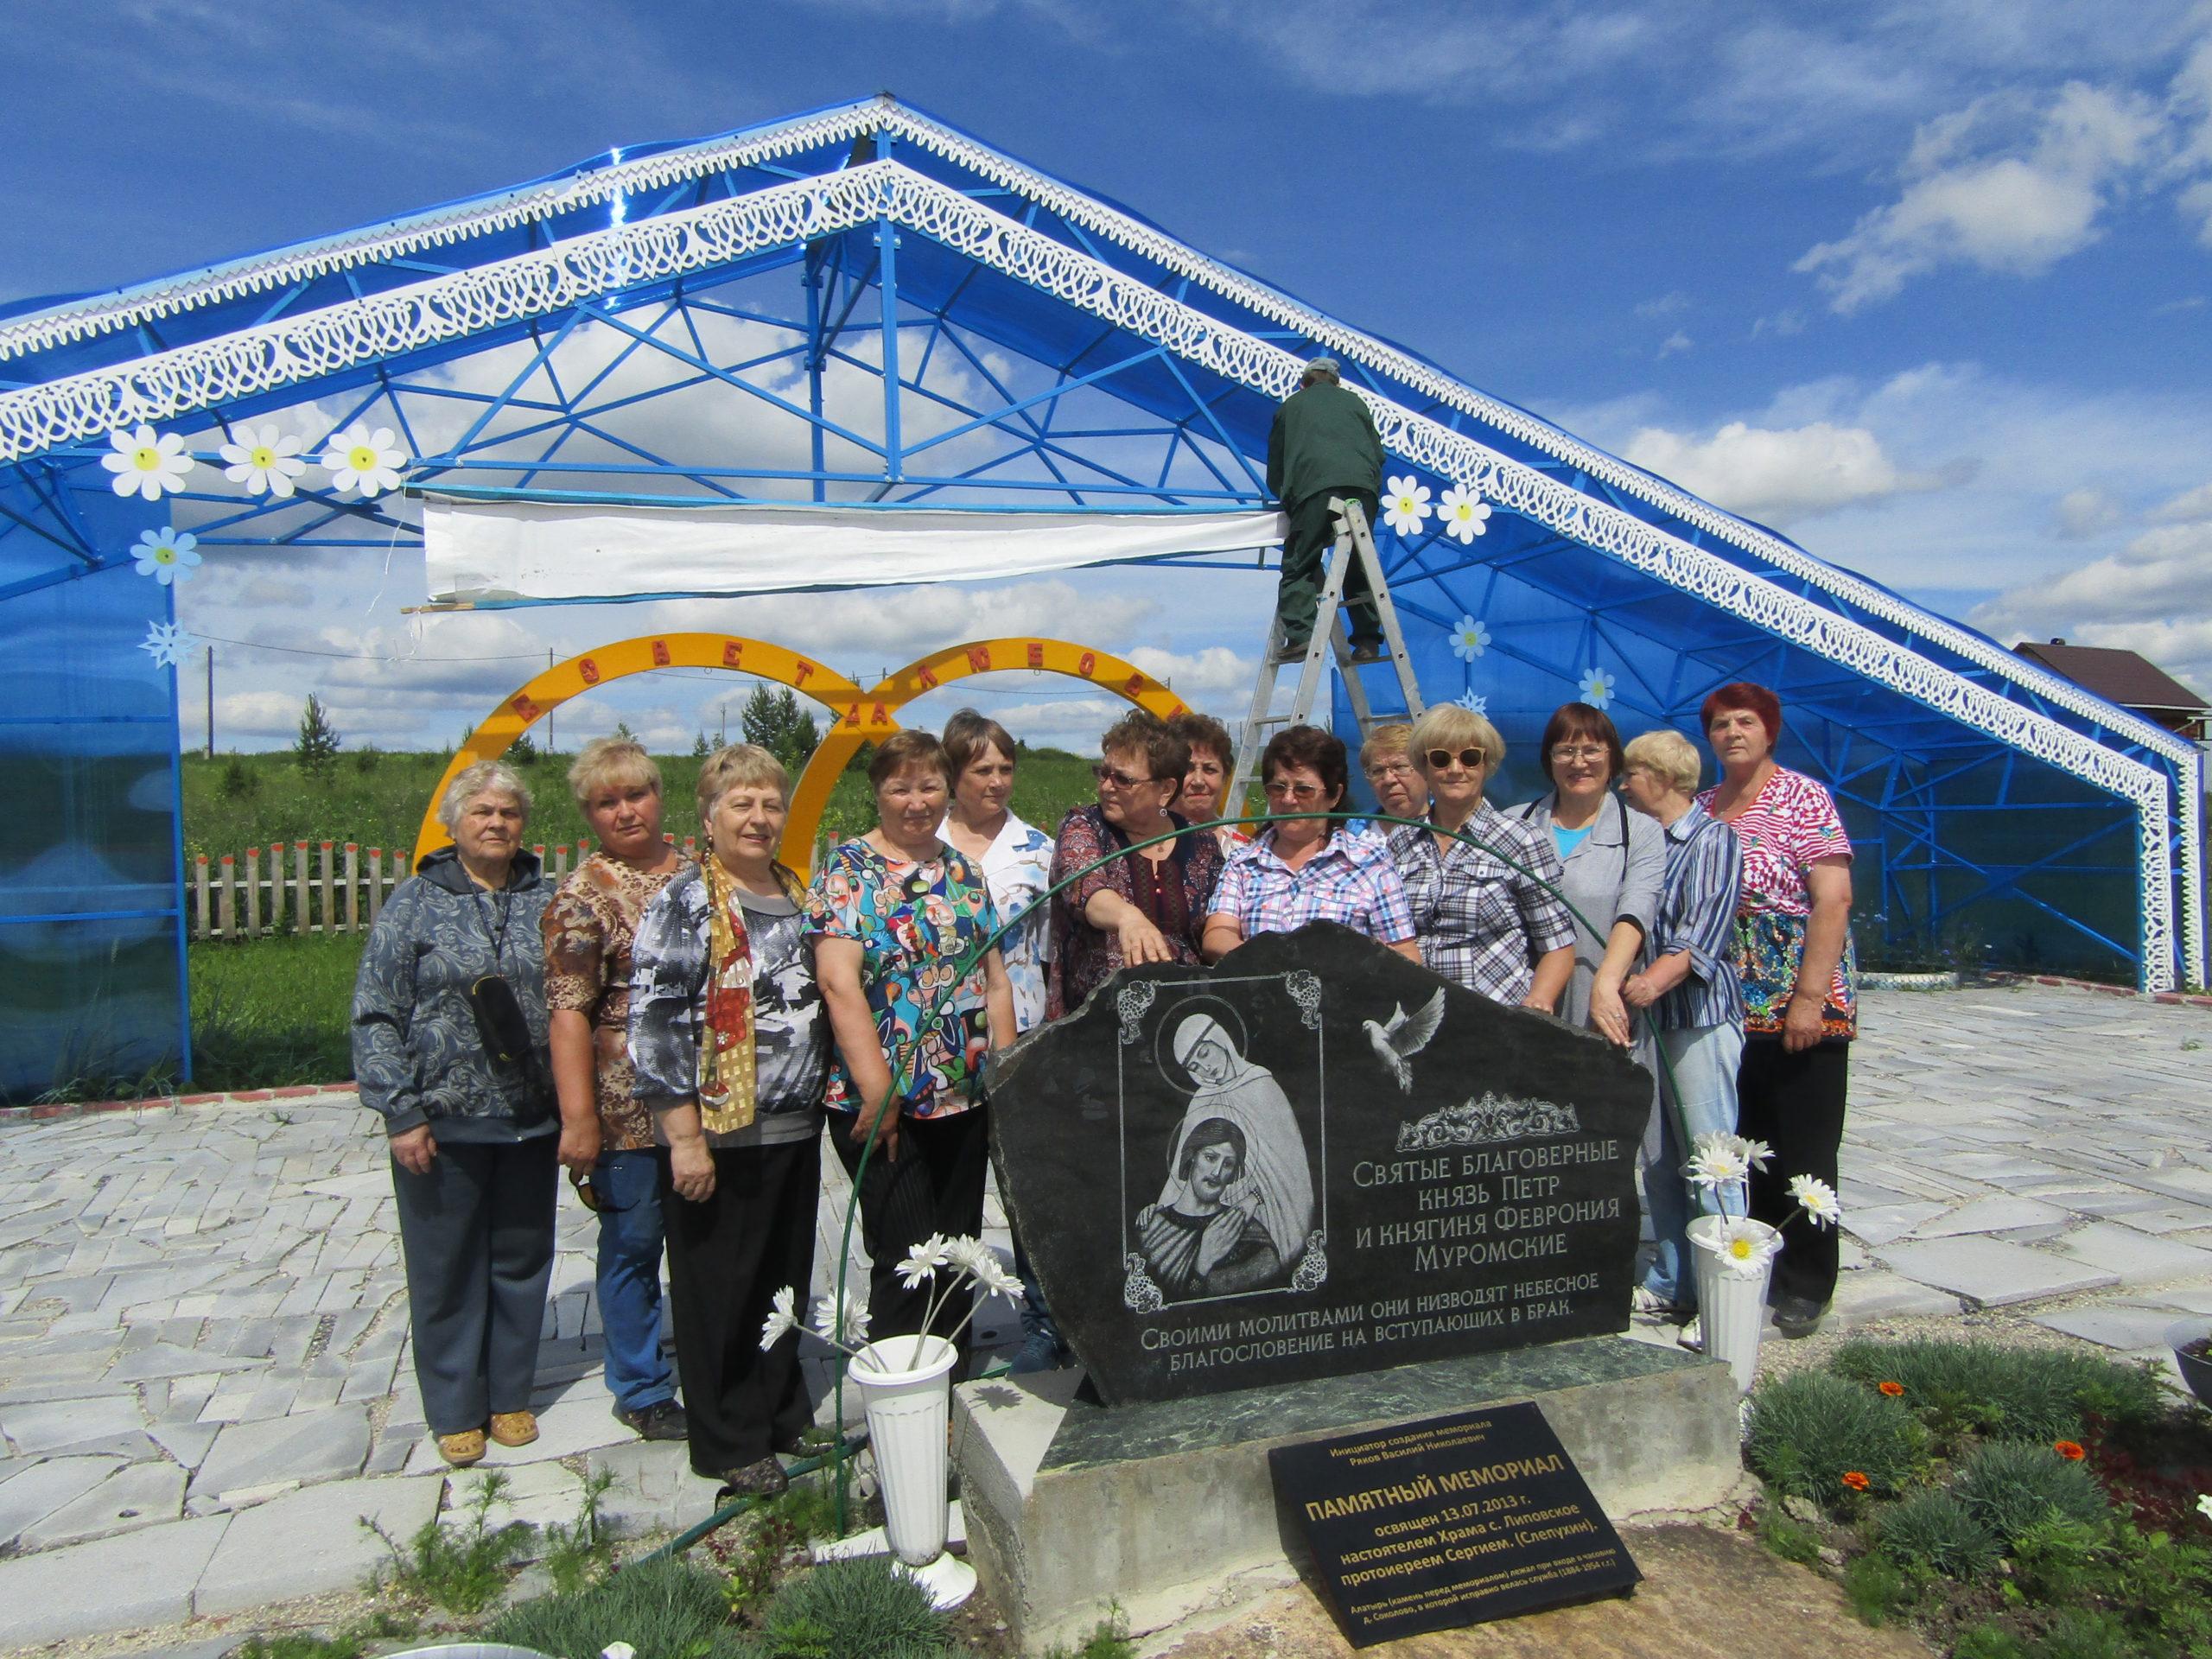 У свадебного комплекса в Соколово